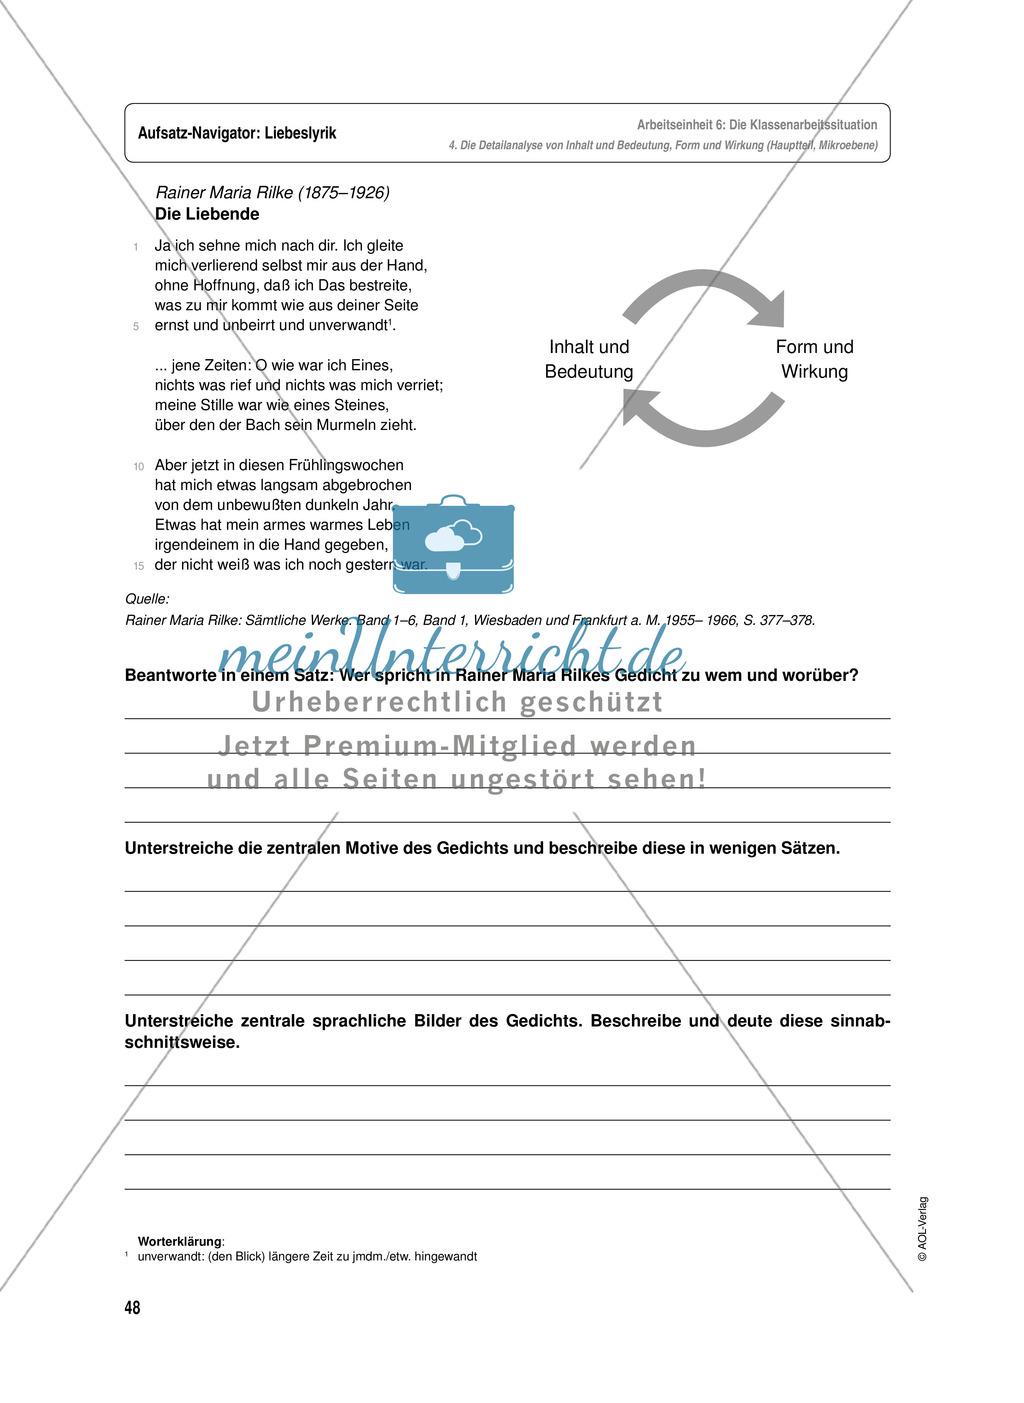 Arbeitseinheit zur Gestaltung einer Analyse / Interpretation von Liebeslyrik - Vorbereitung auf die Klassenarbeitssituation Preview 7